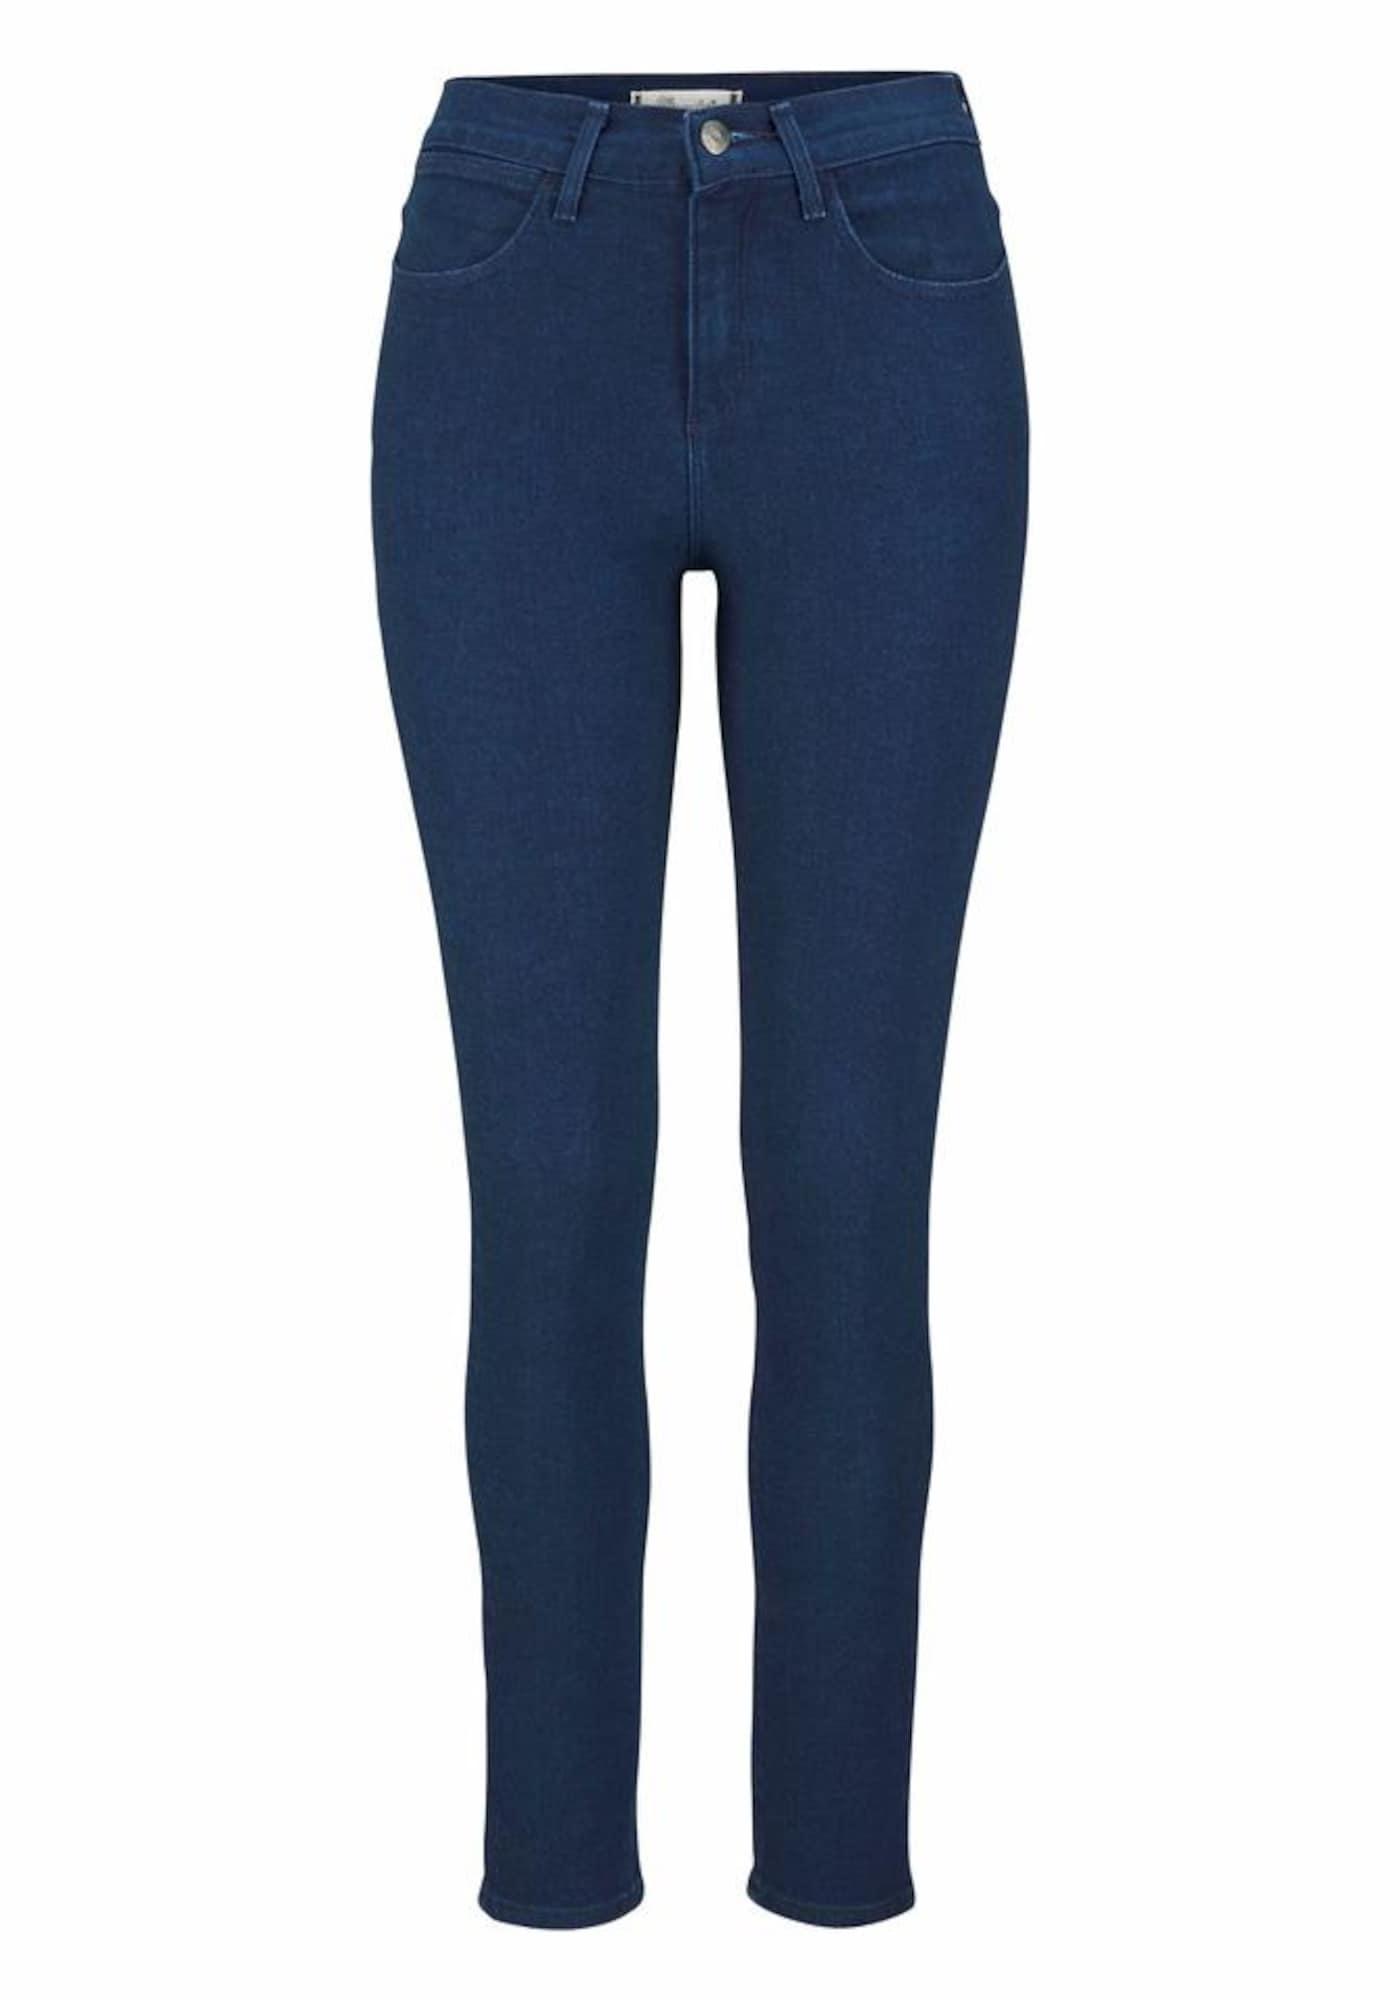 WRANGLER Dames Jeans donkerblauw